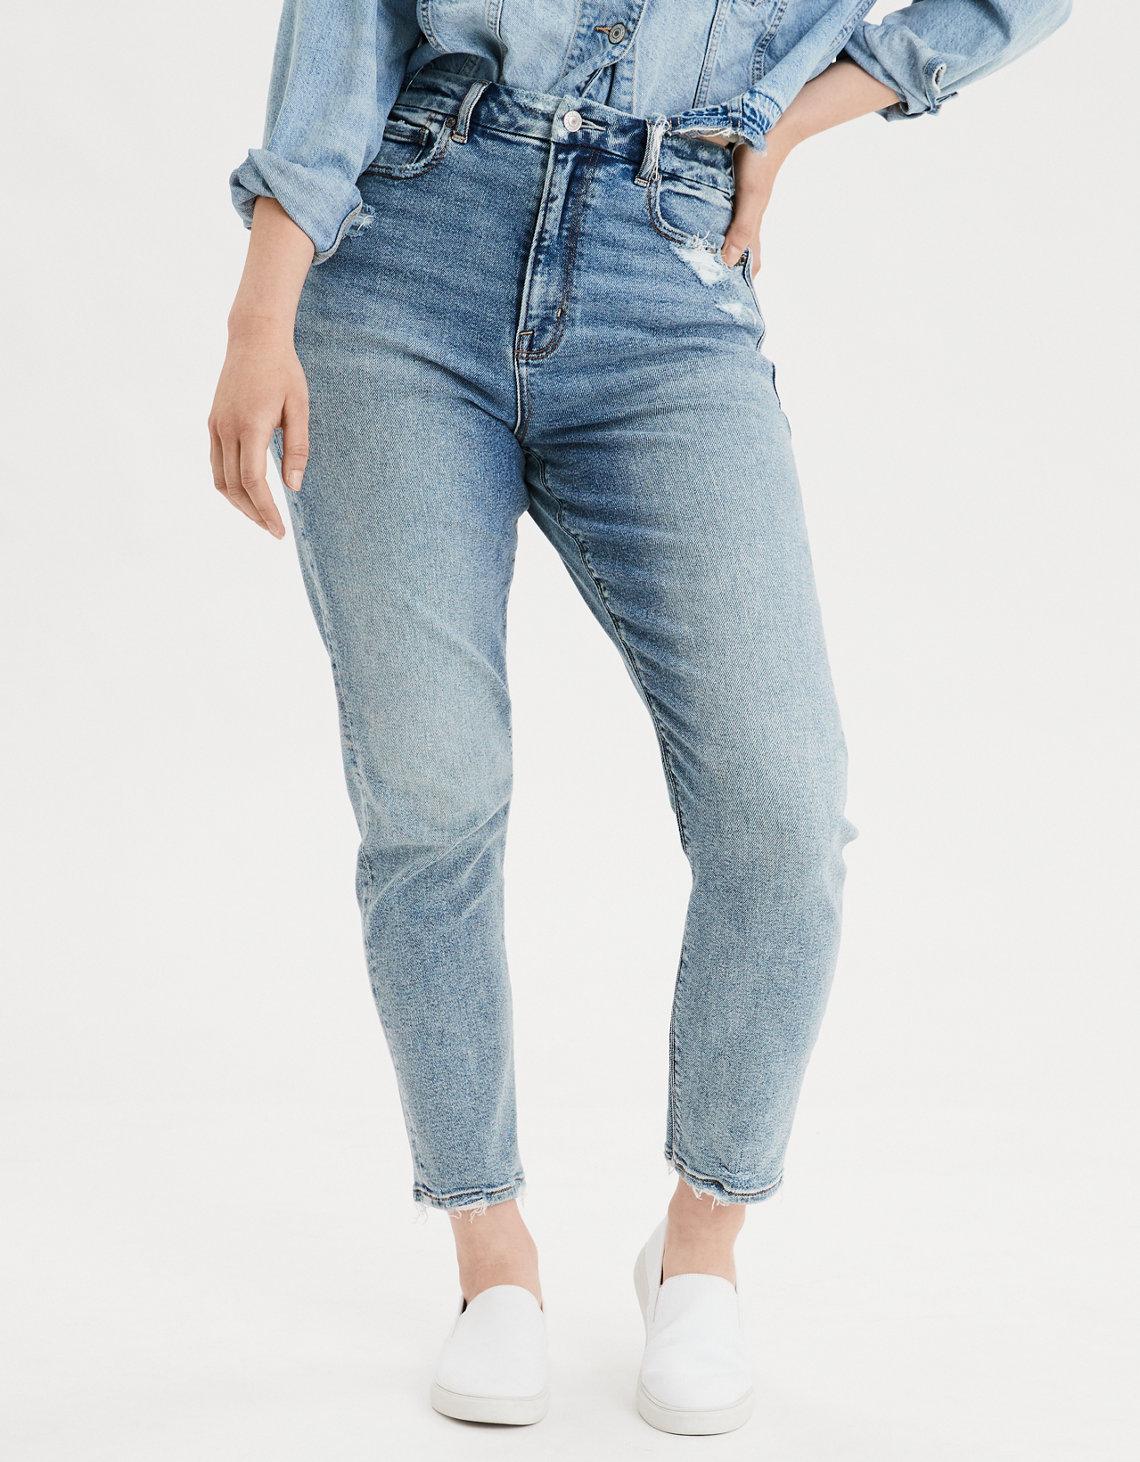 Stretch Curvy Mom Jeans, $50, American Eagle